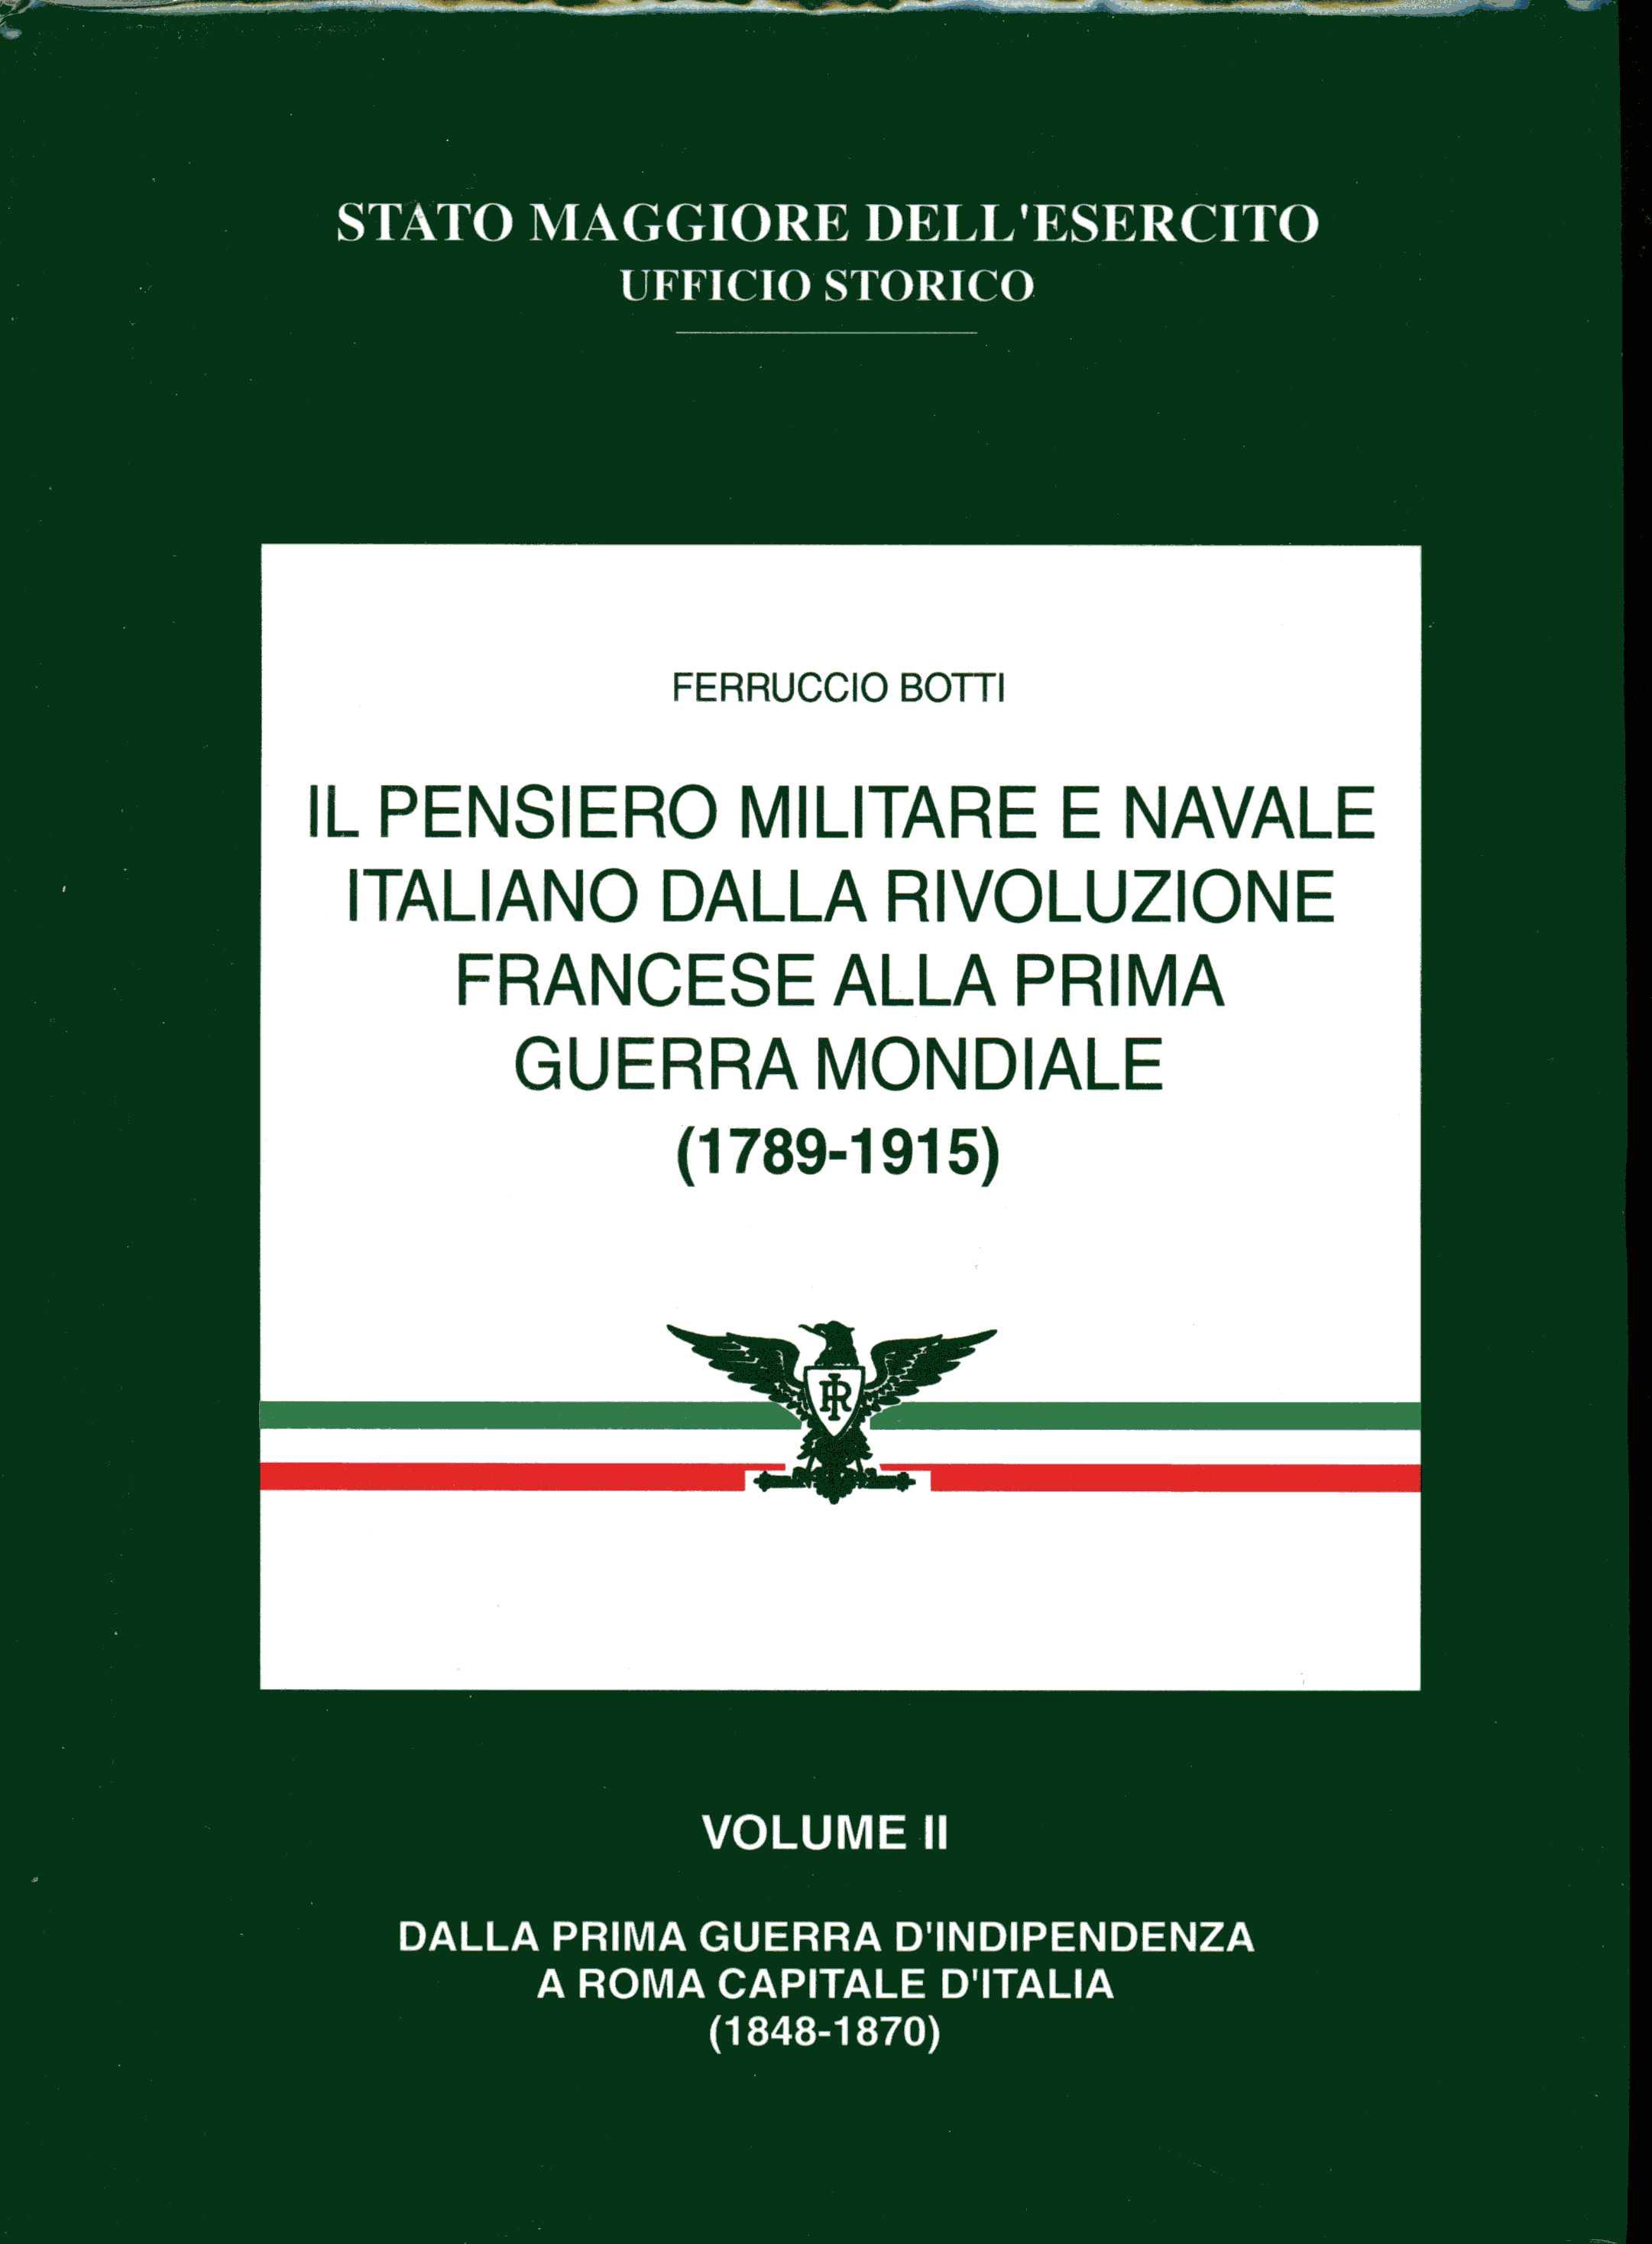 Il pensiero militare e navale italiano dalla Rivoluzione francese alla prima guerra mondiale (1789-1915)